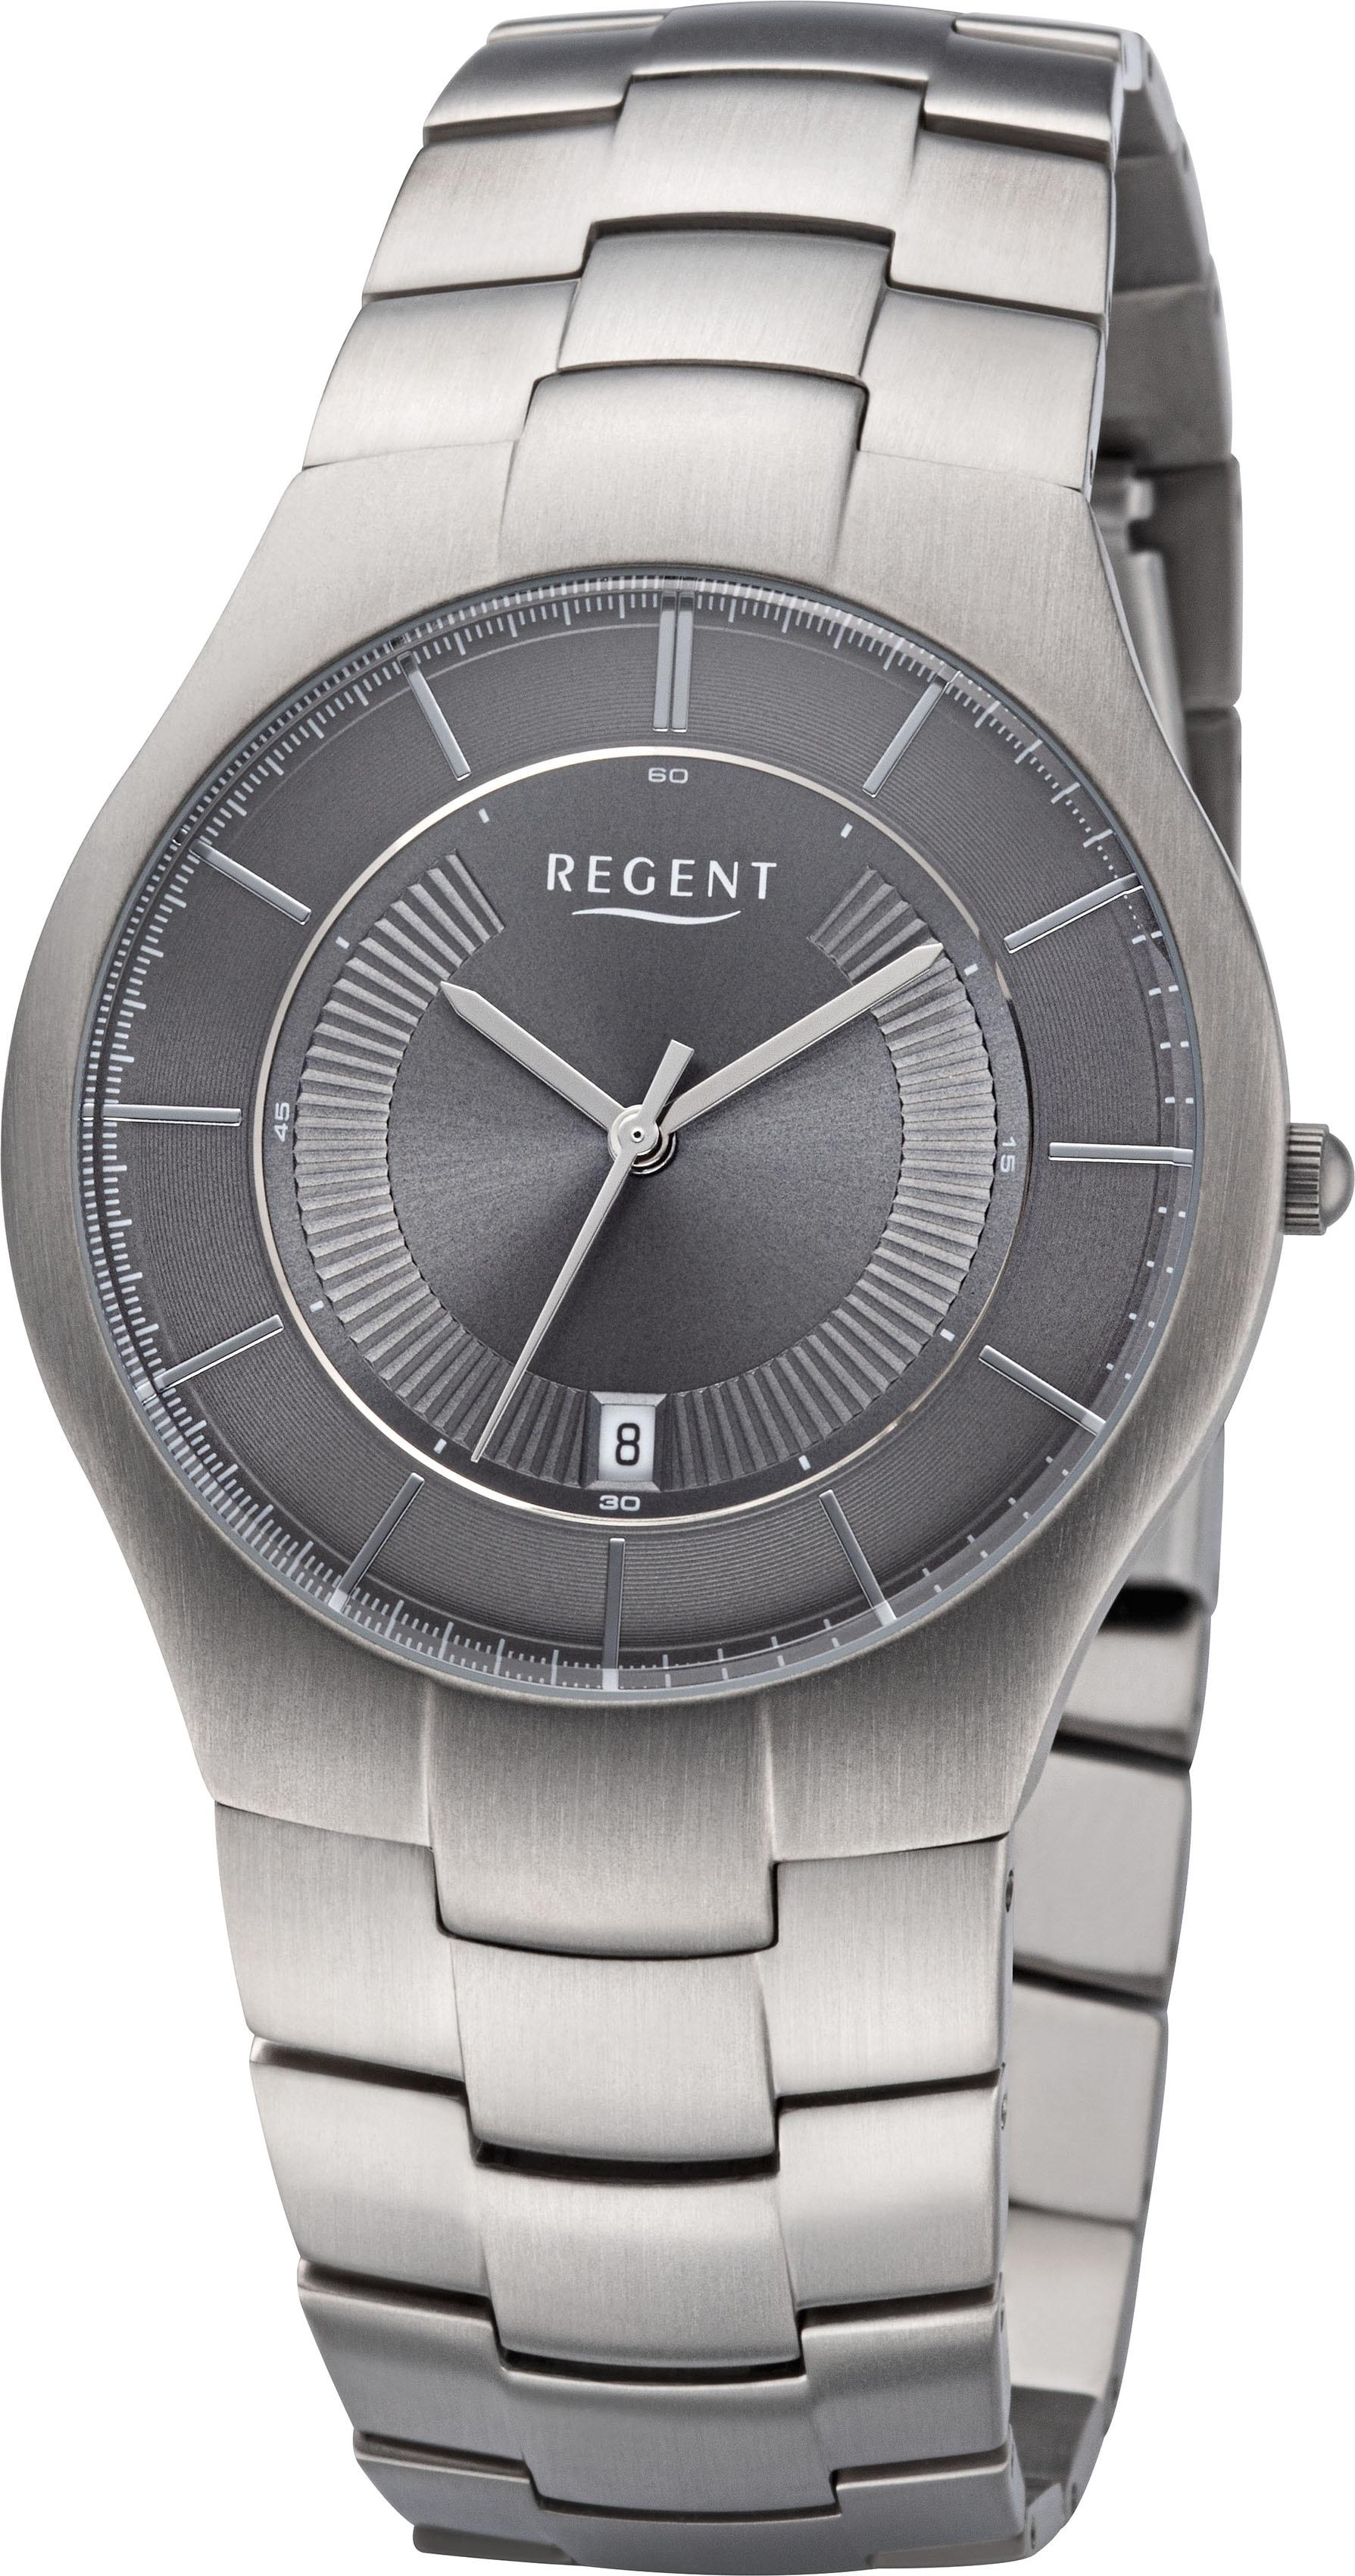 Regent Titanuhr »11090358 - 1899.90.95« | Uhren > Titanuhren | Regent